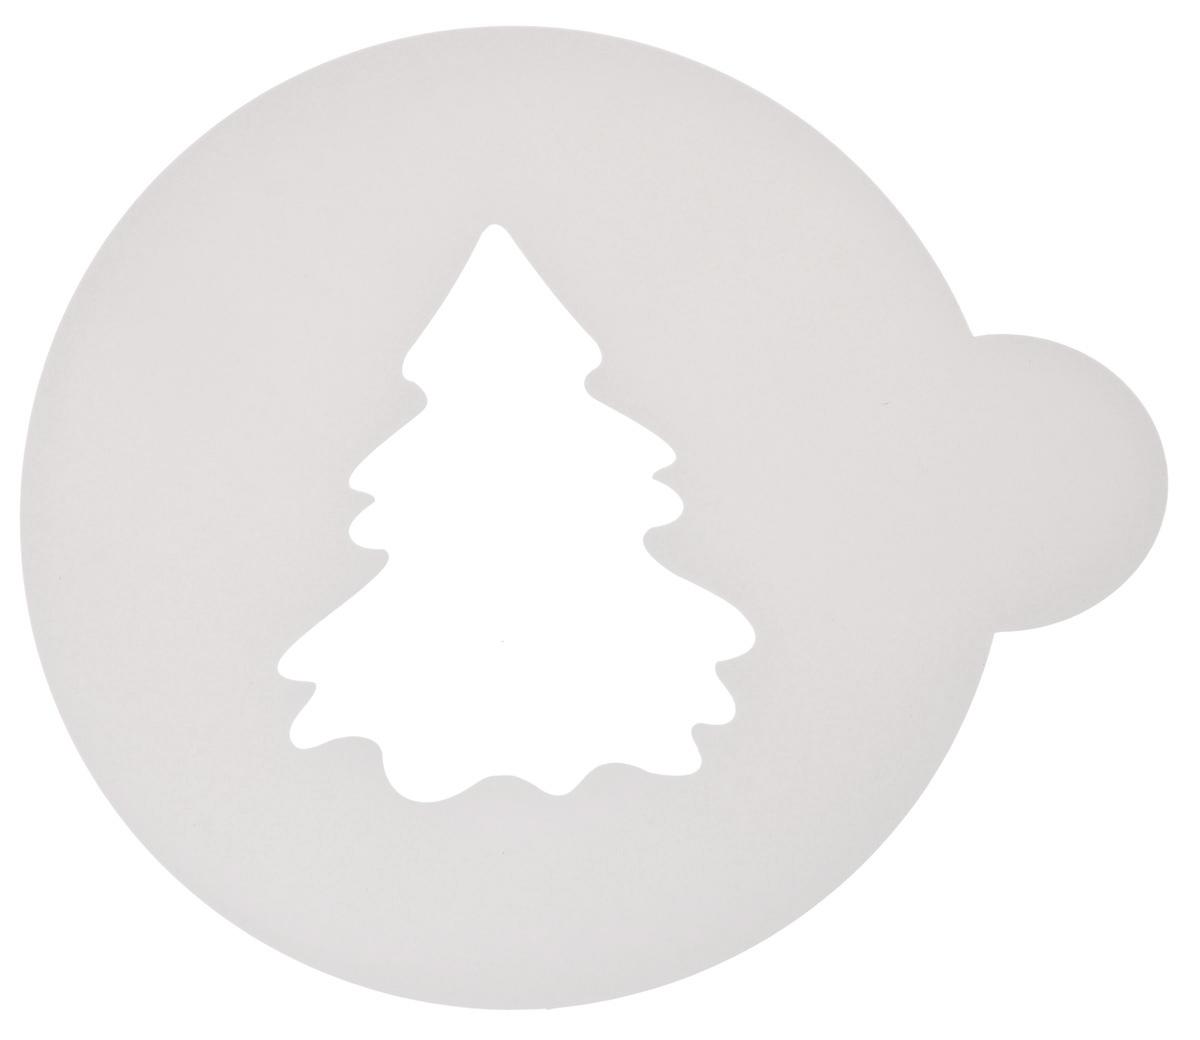 Трафарет на кофе и десерты Леденцовая фабрика Елочка, цвет: белый, диаметр 10 смFS-91909Трафарет Леденцовая фабрика Елочкапредставляет собой пластину с прорезями, черезкоторые пищевая краска (сахарная пудра, какао,шоколад, сливки, корица, дробленый орех)наносится на поверхность кофе, молочныхкоктейлей, десертов. Изделие изготовлено изматового пищевого пластика 250 мкм и пригоднодля контакта с пищевыми продуктами. Трафаретмногоразовый. Побалуйте себя и ваших близких красивооформленным кофе. Диаметр трафарета: 10 см.